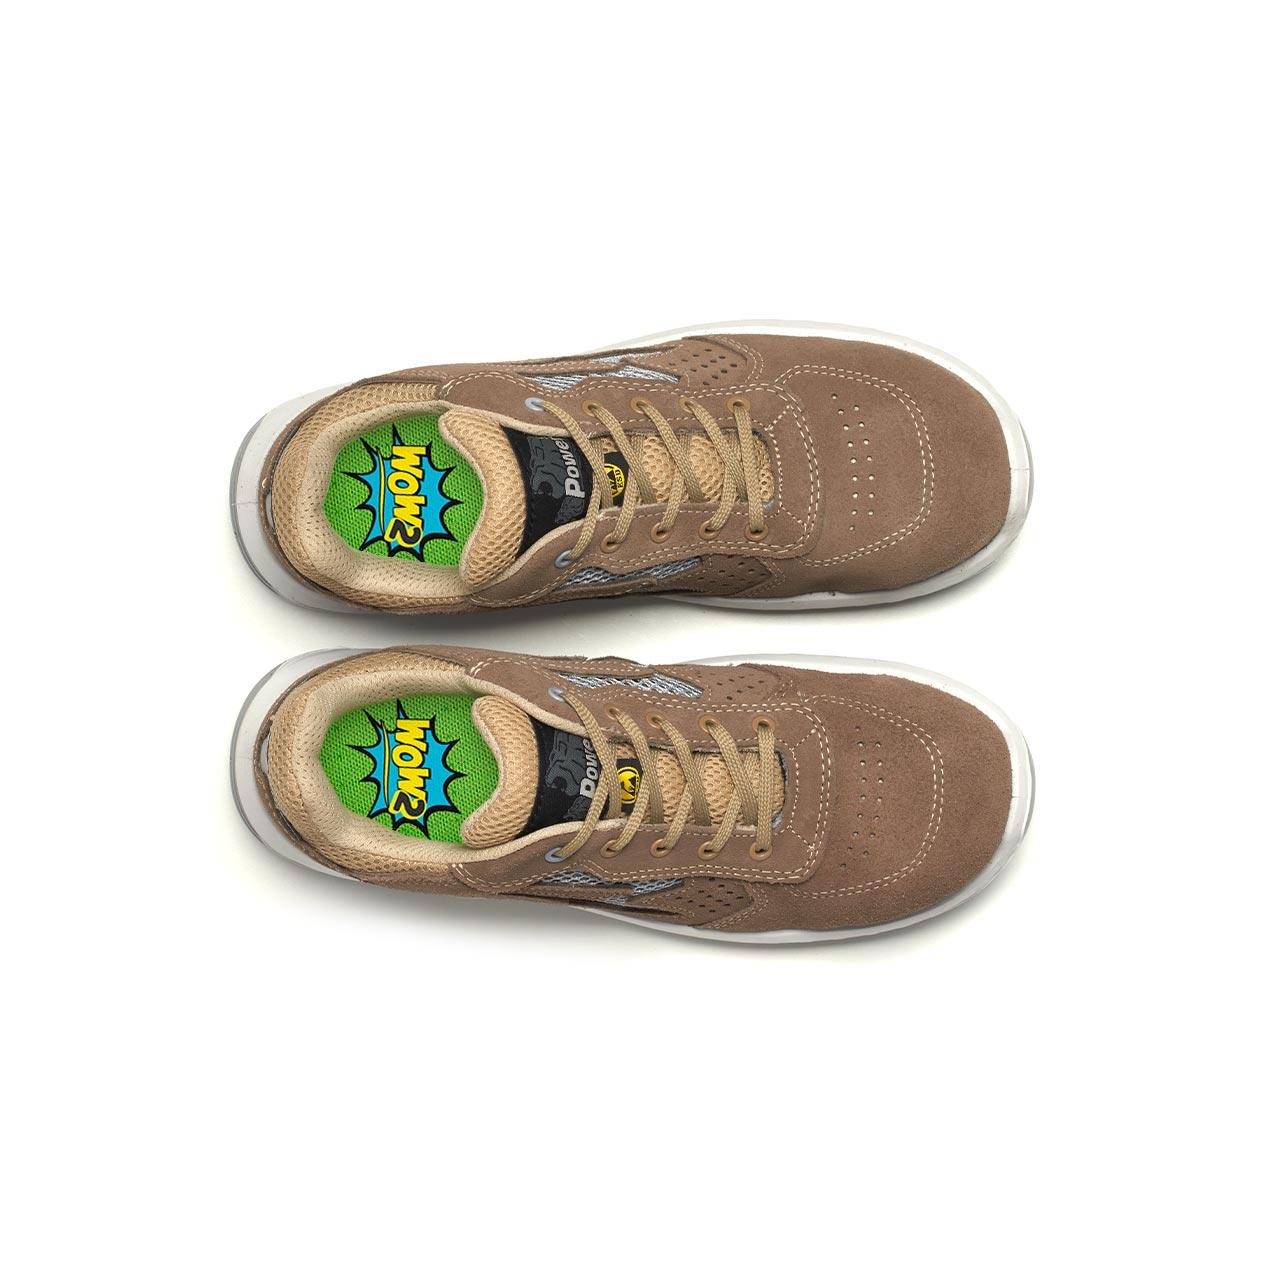 paio di scarpe antinfortunistiche upower modello aerator linea redindustry vista top